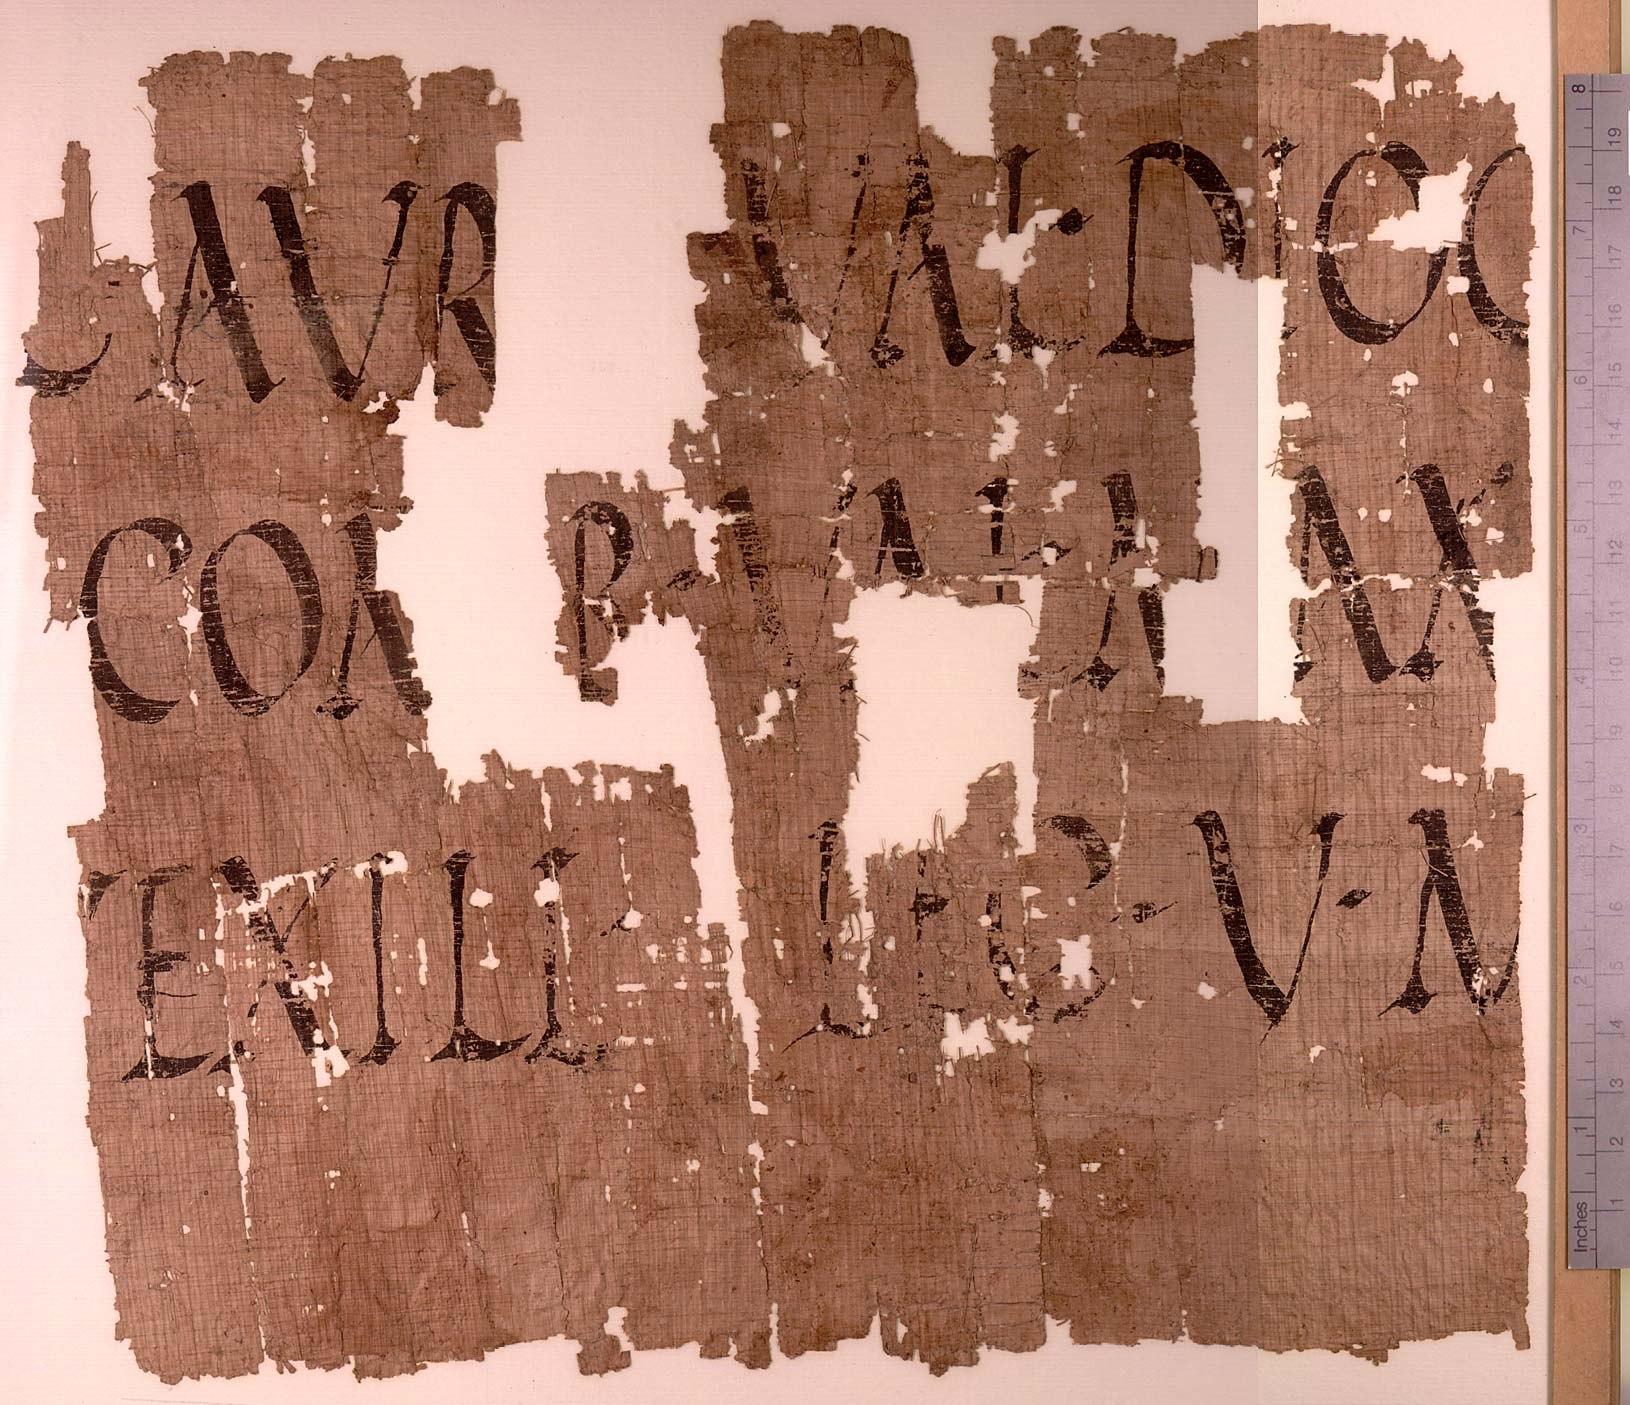 Фрагмент папируса из Египта с упоминанием вексилляции Legio V Macedonica.